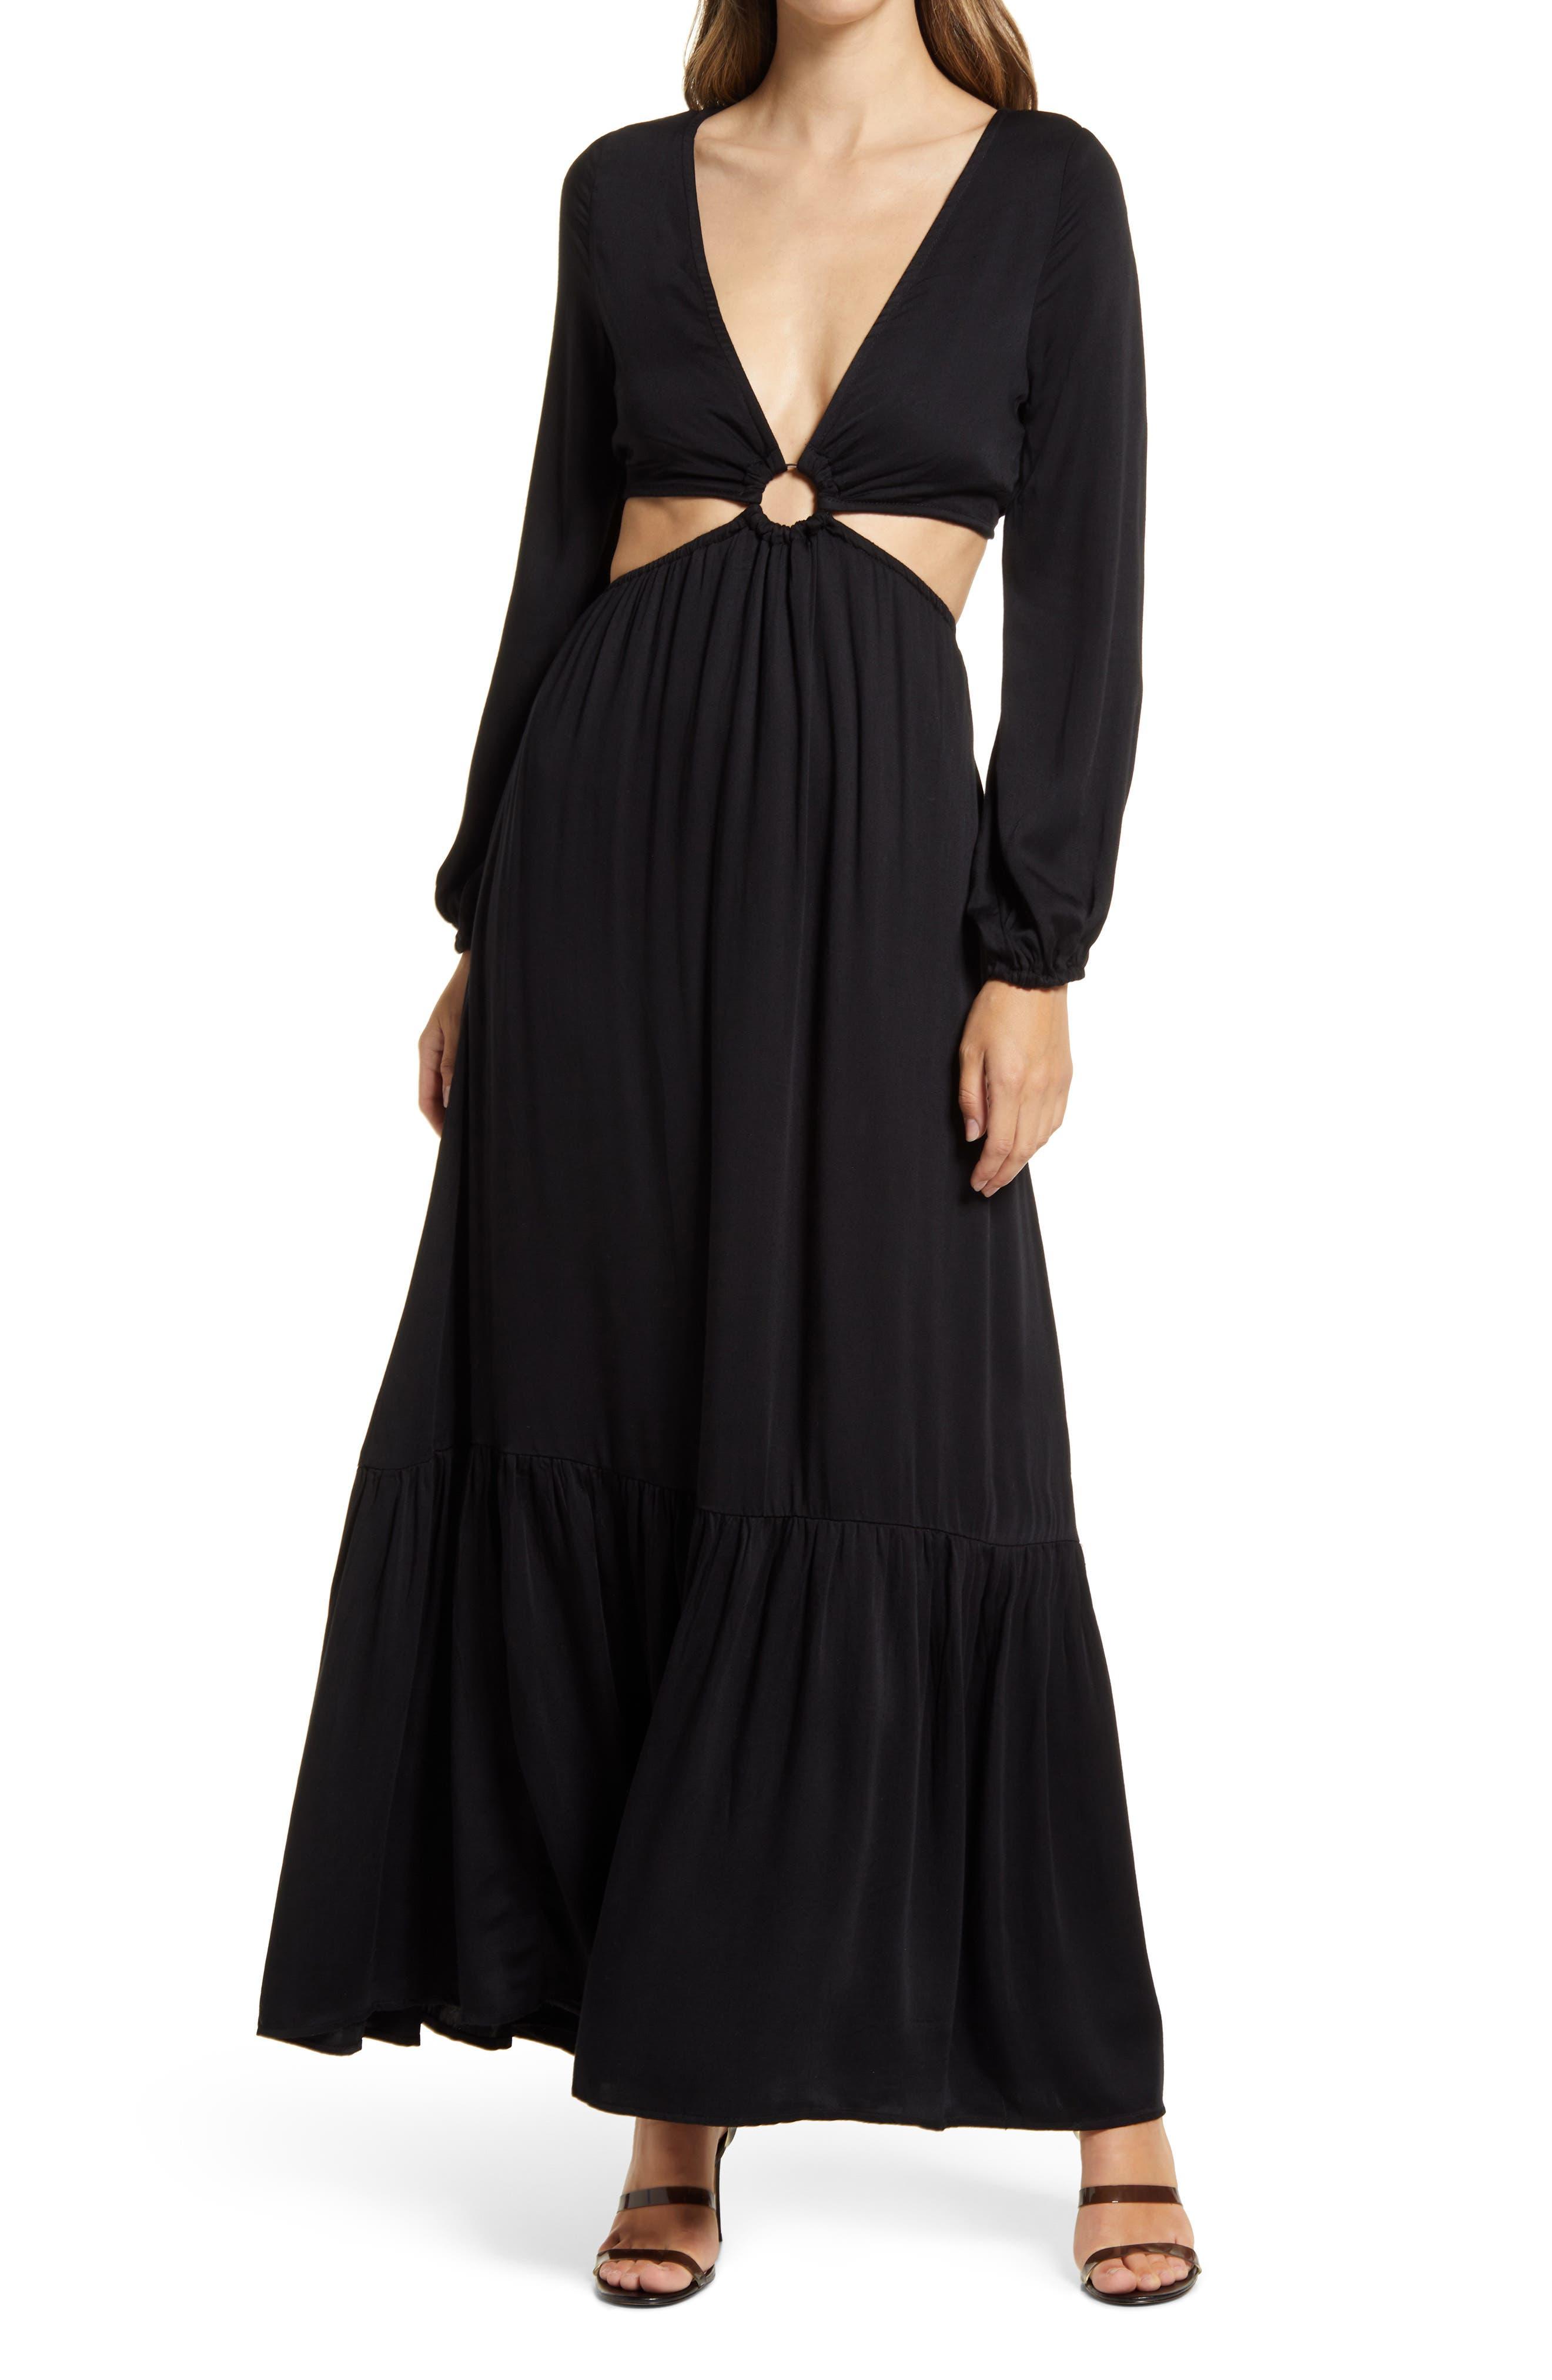 Plunge Neck Cutout Waist Long Sleeve Maxi Dress